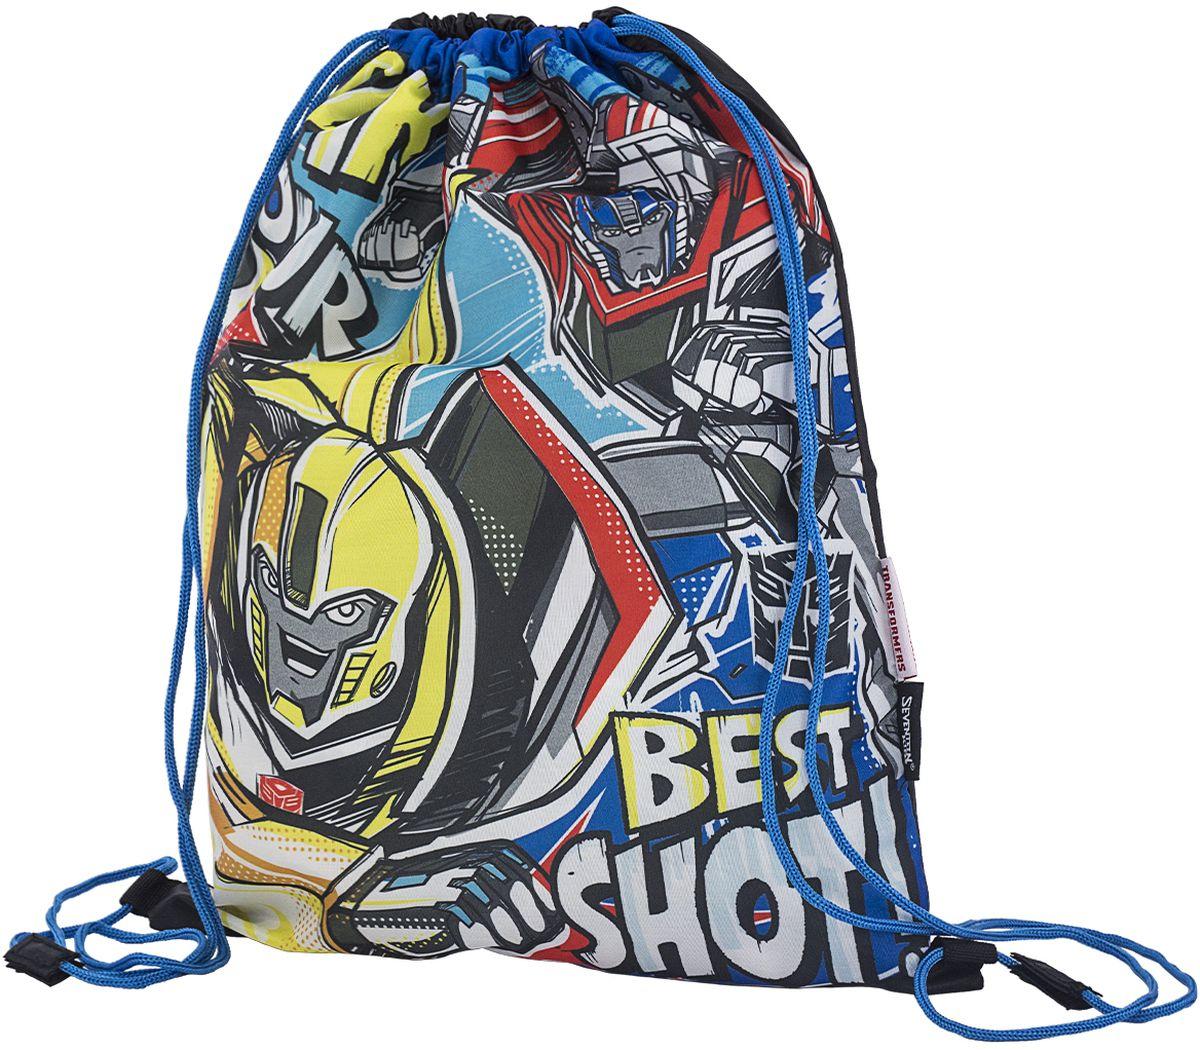 Transformers Сумка для сменной обуви Prime TREB-MT1-883TREB-MT1-883Мешок для переноски обуви, выполнен из плотного водостойкого материала, затягивается сверху шнуром-лямкой и носится, как рюкзак. Размер 43 х 34 х 1 см.